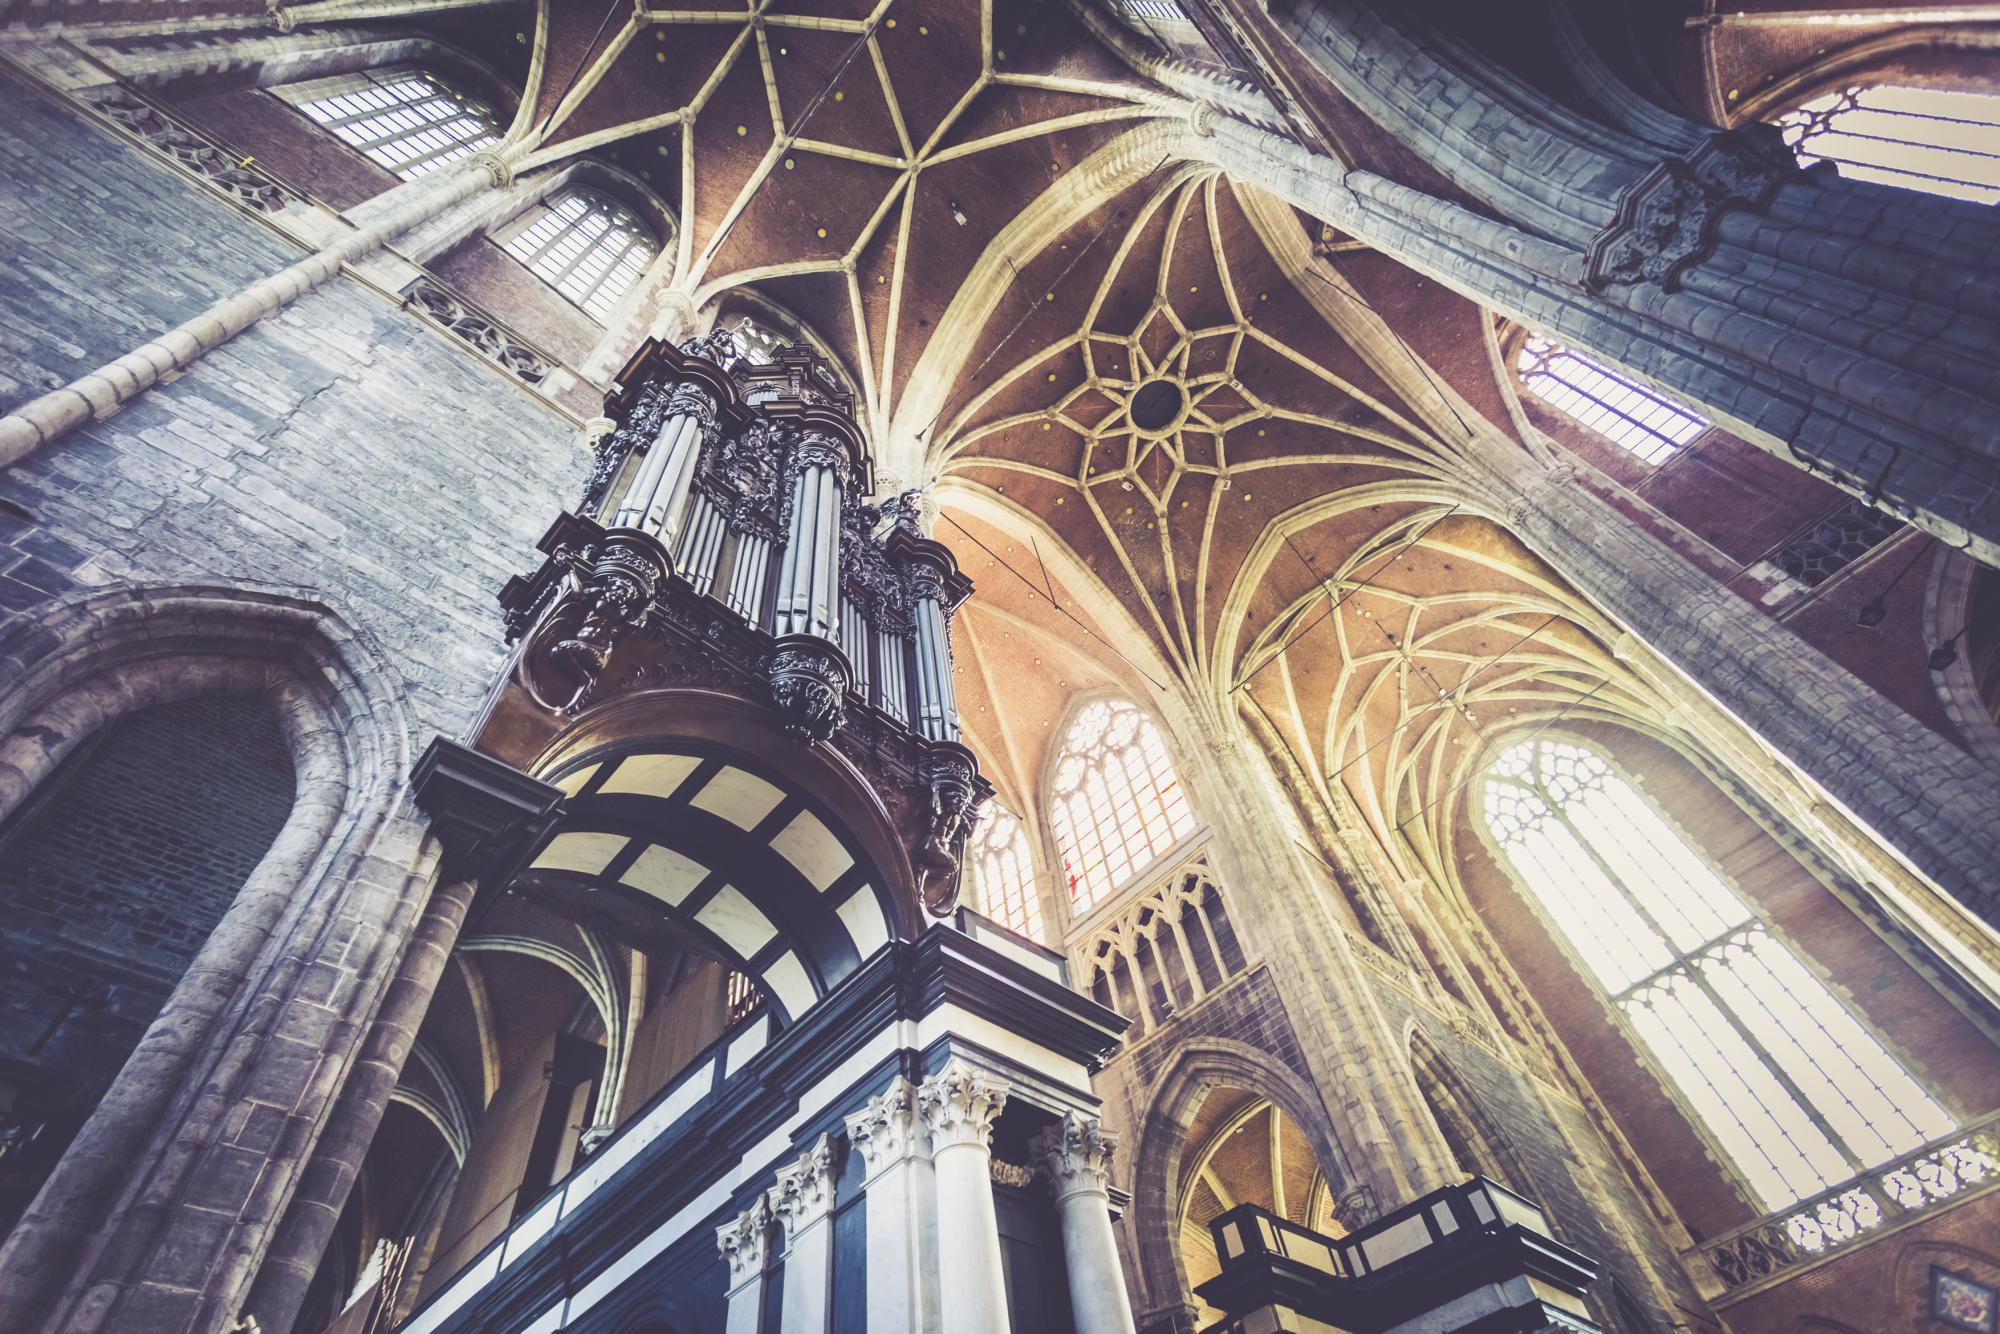 Orgel in de Sint-Baafskathedraal © www.lukasweb.be - Art in Flanders vzw, foto: Daina De Saedeleer